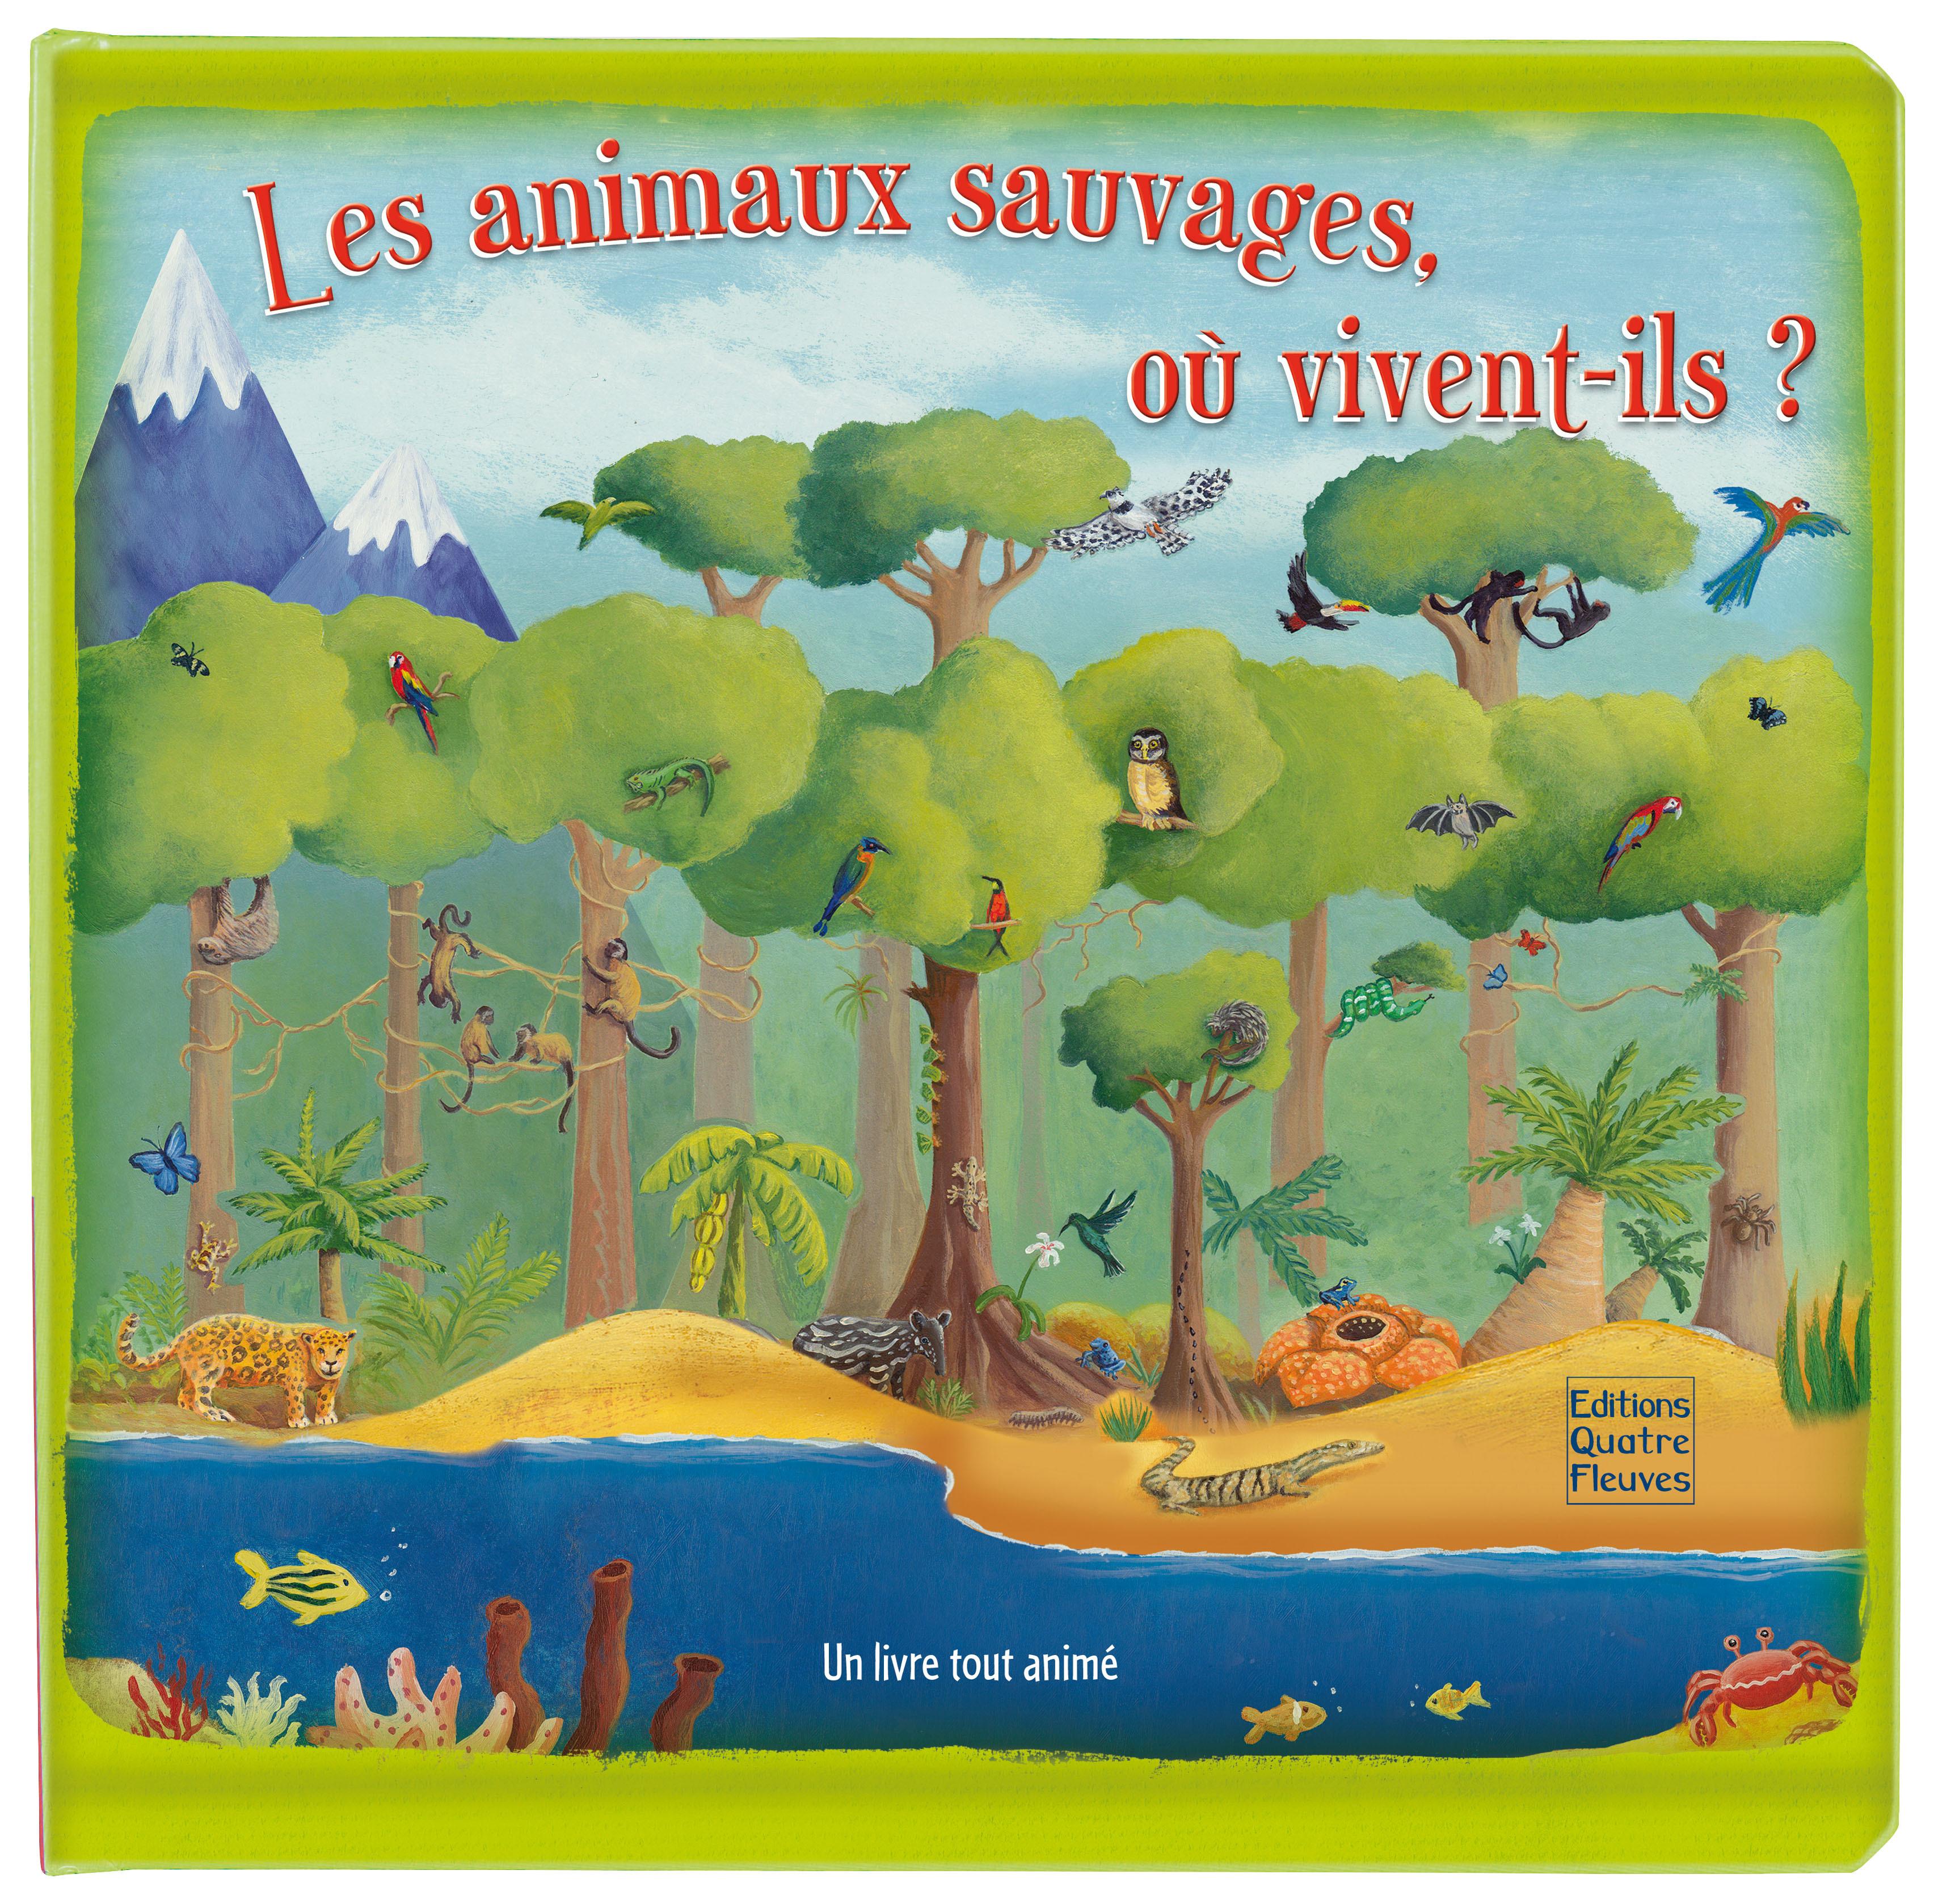 LES ANIMAUX SAUVAGES, OU VIVENT-ILS ?